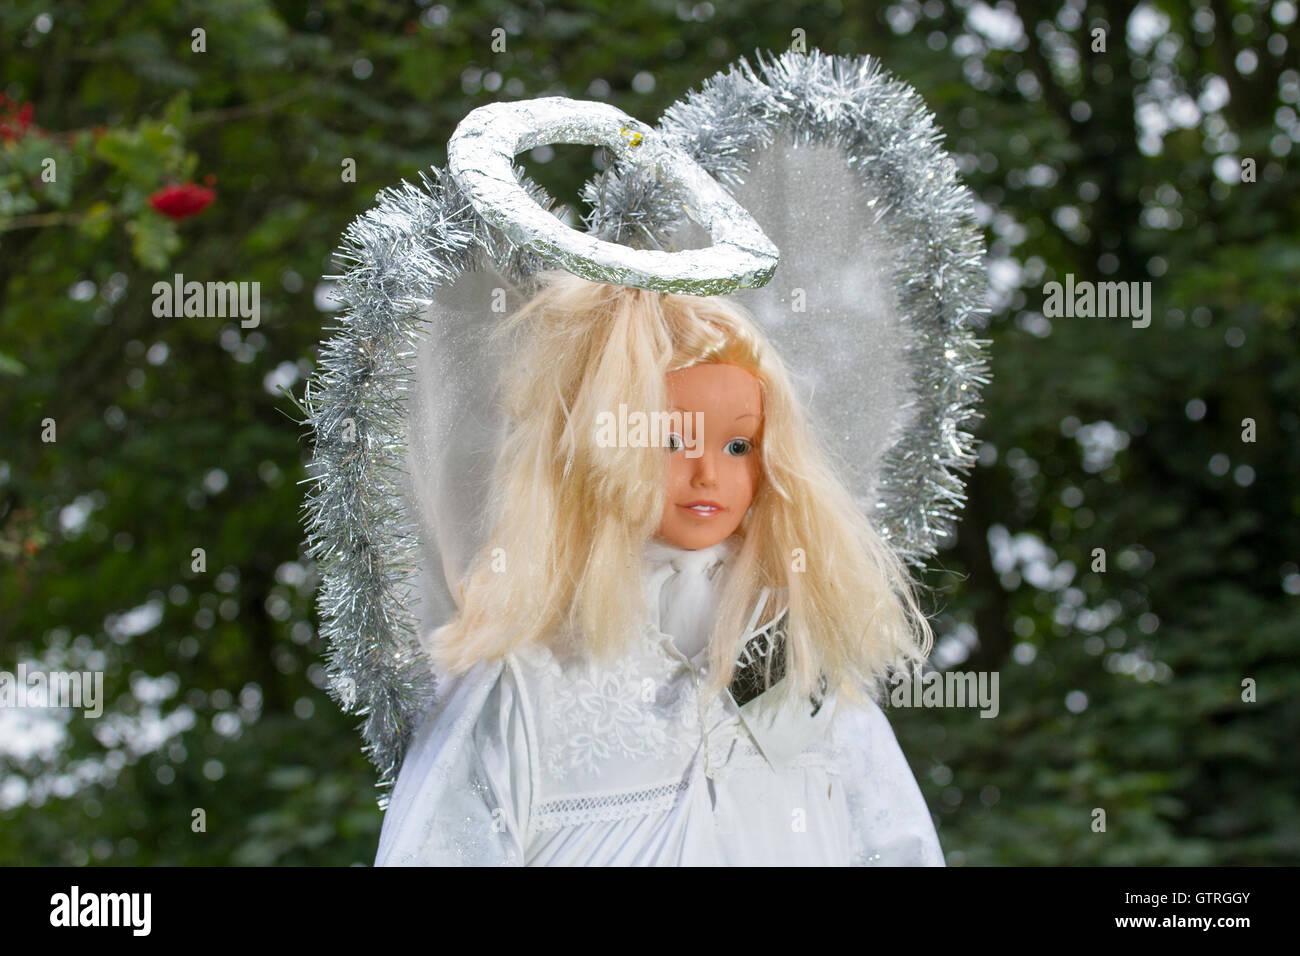 Fallen Angels Stock Photos & Fallen Angels Stock Images - Alamy